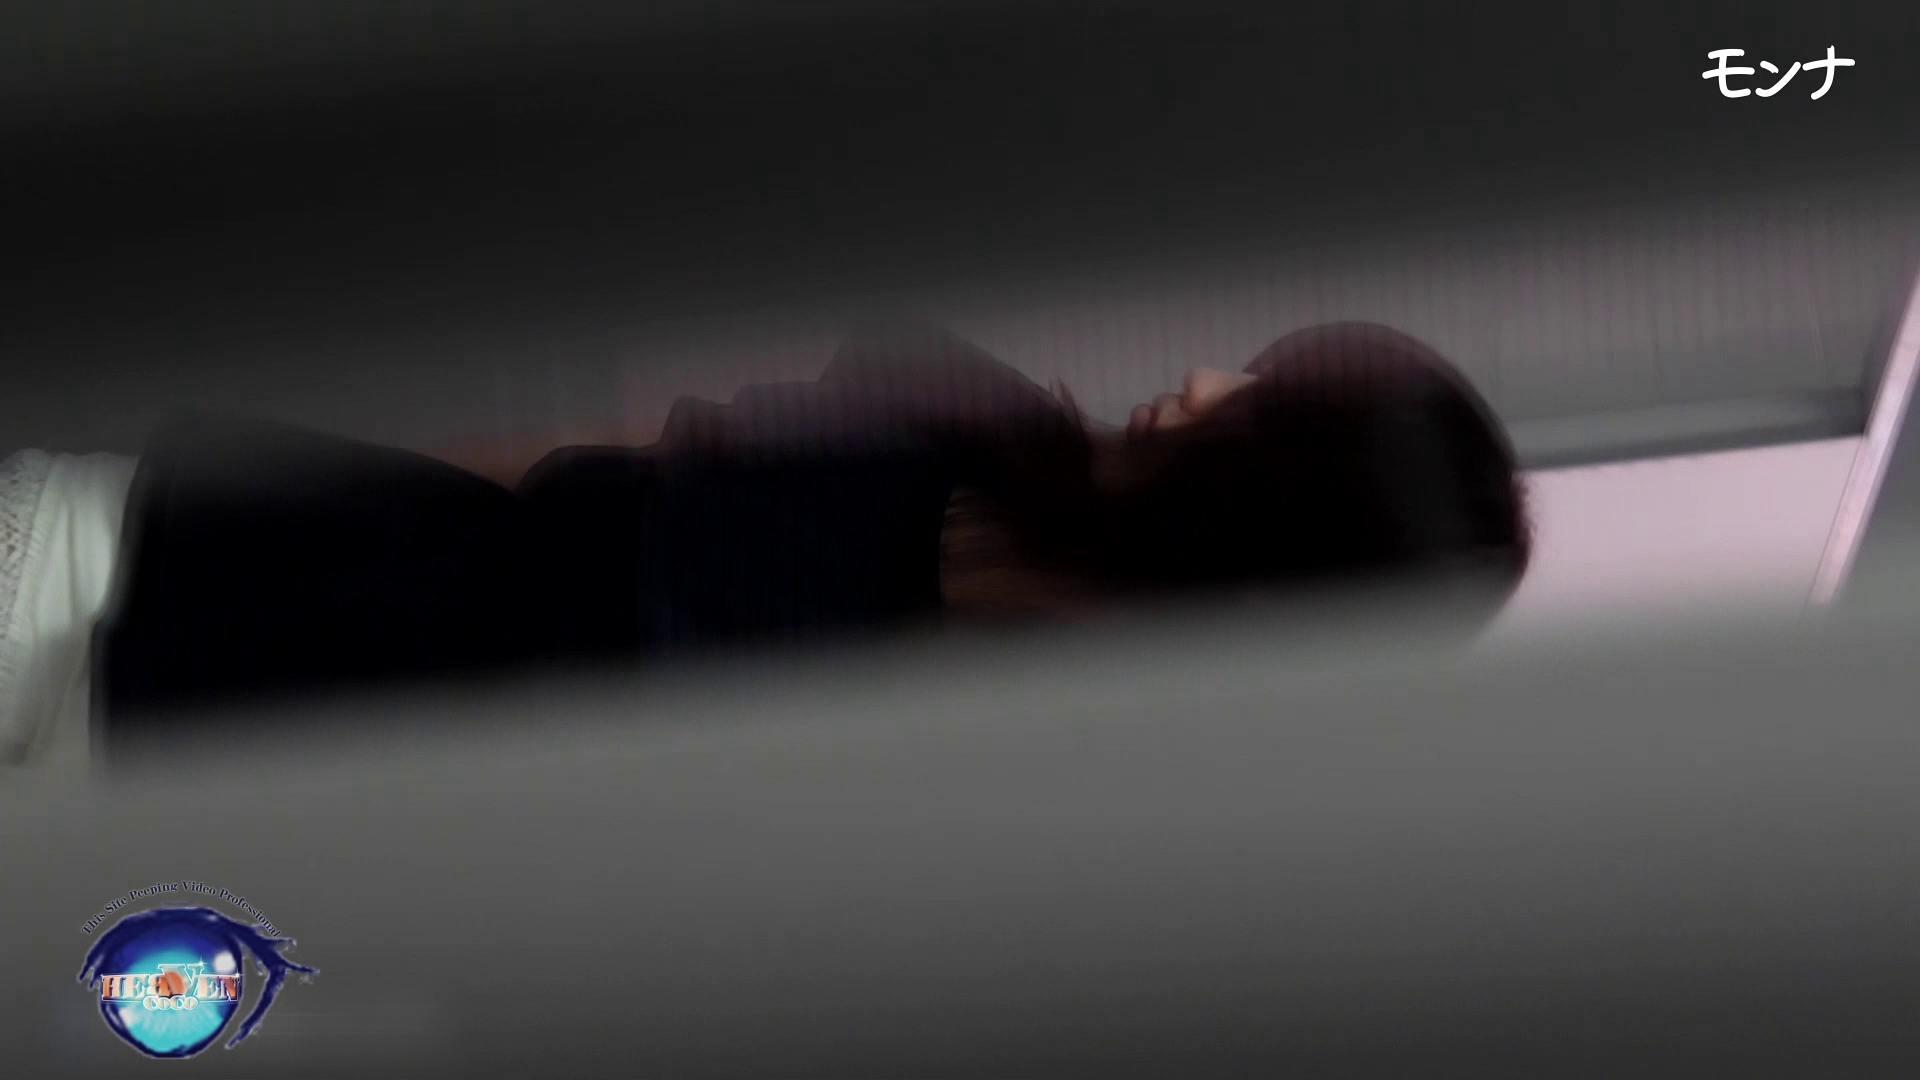 【美しい日本の未来】美しい日本の未来 No.75 たまらないくびれ 2 生え茂る マンコバッチリ 戯れ無修正画像 11pic 3